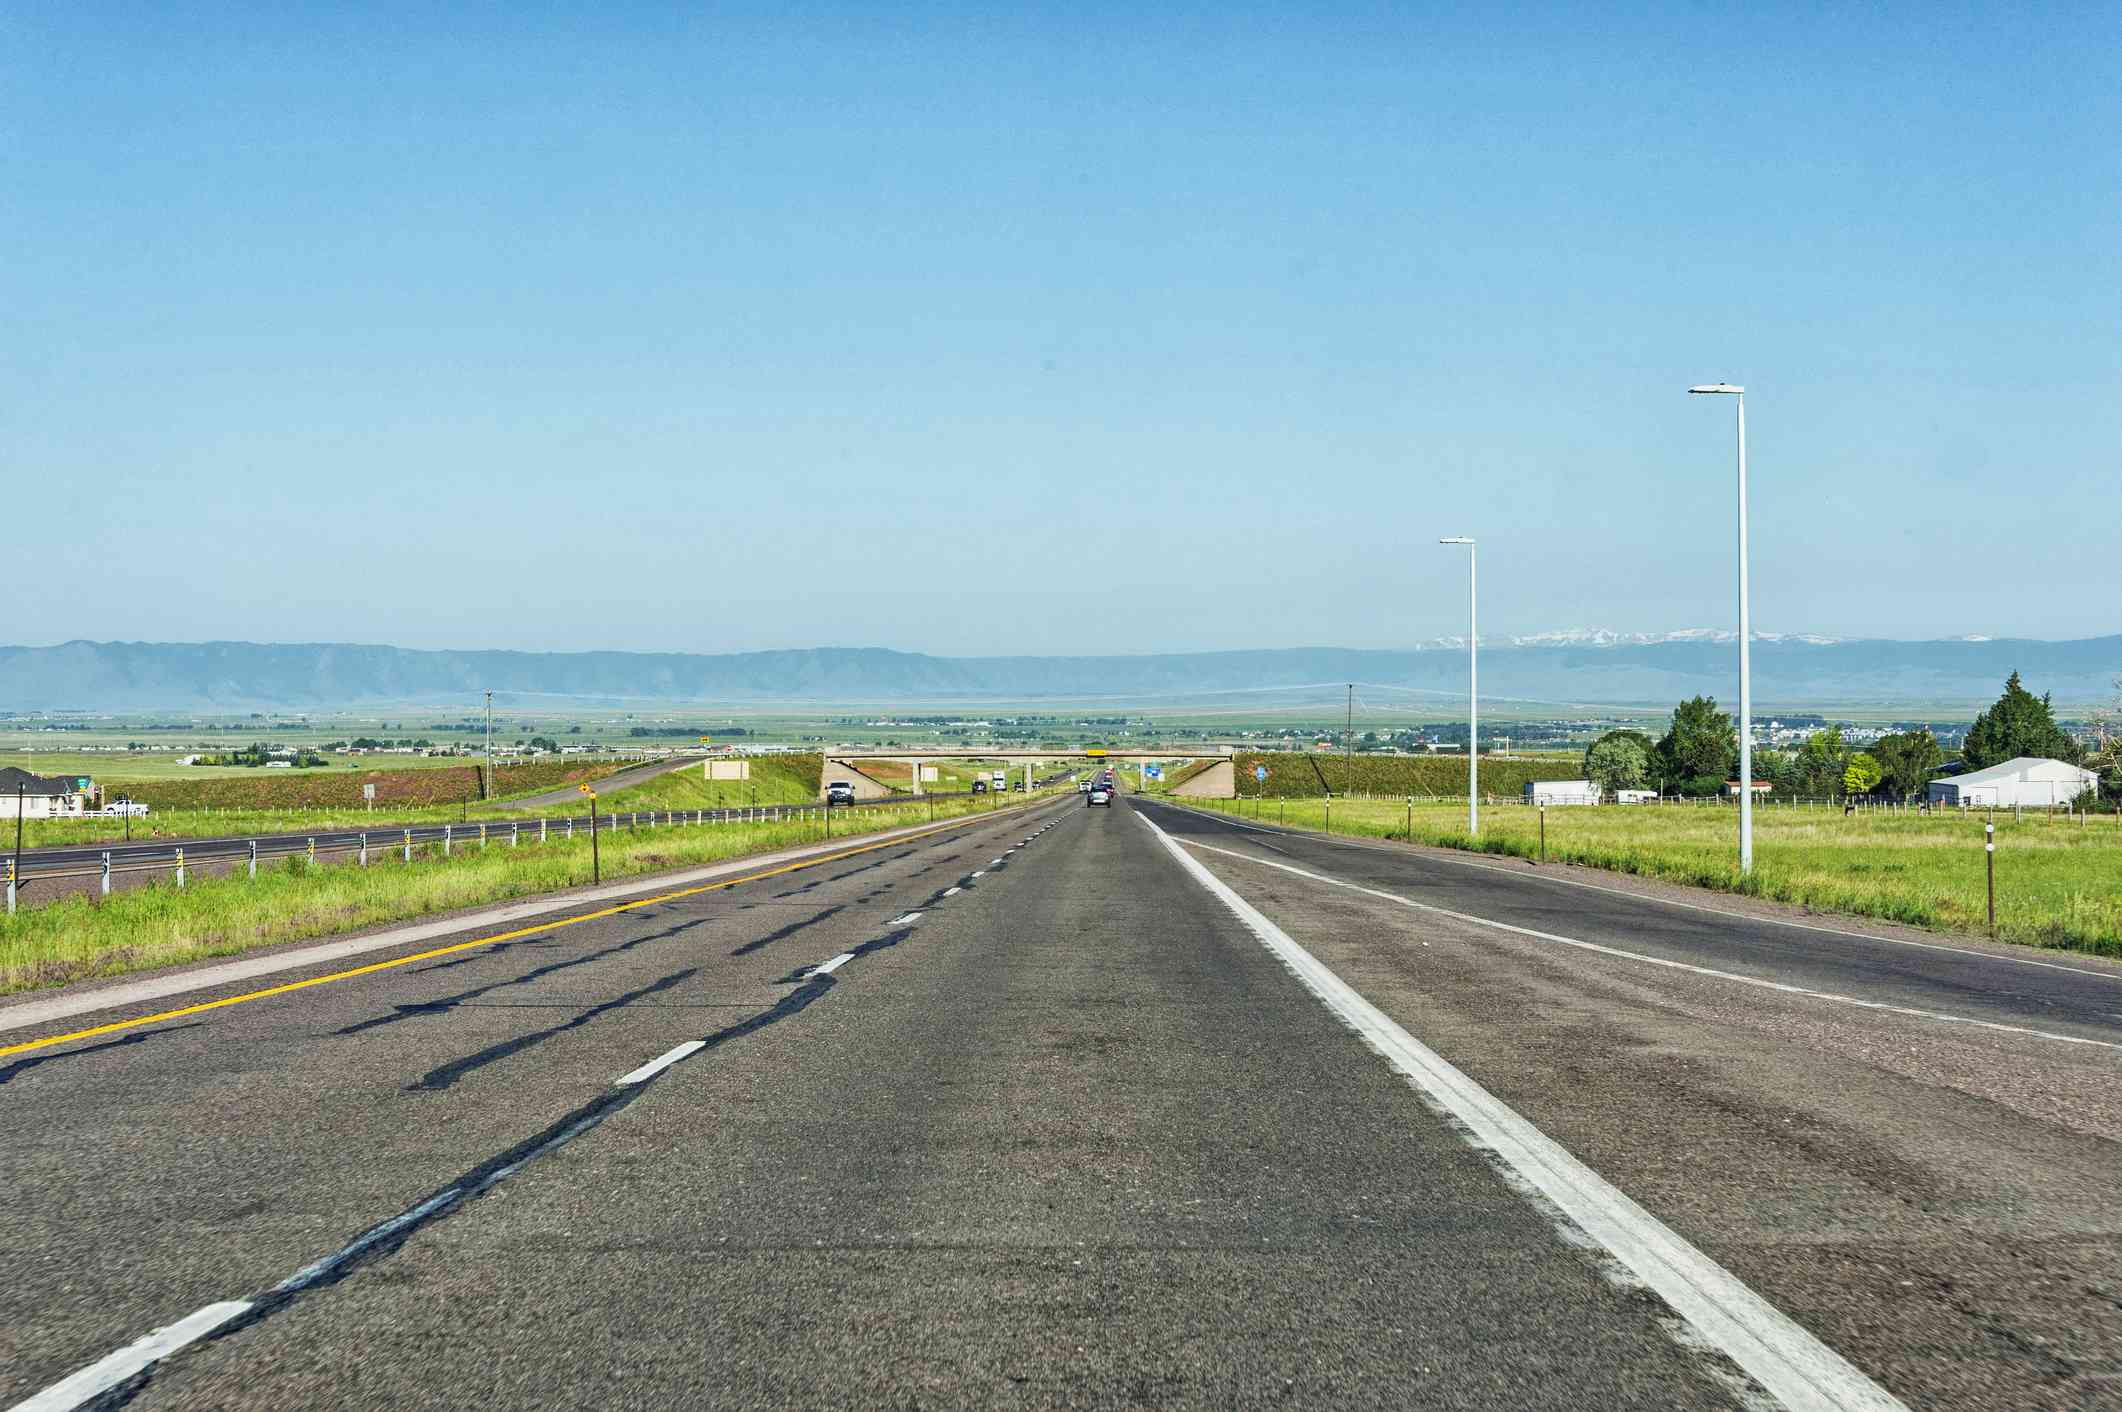 Highway to Laramie coming from Cheyenne